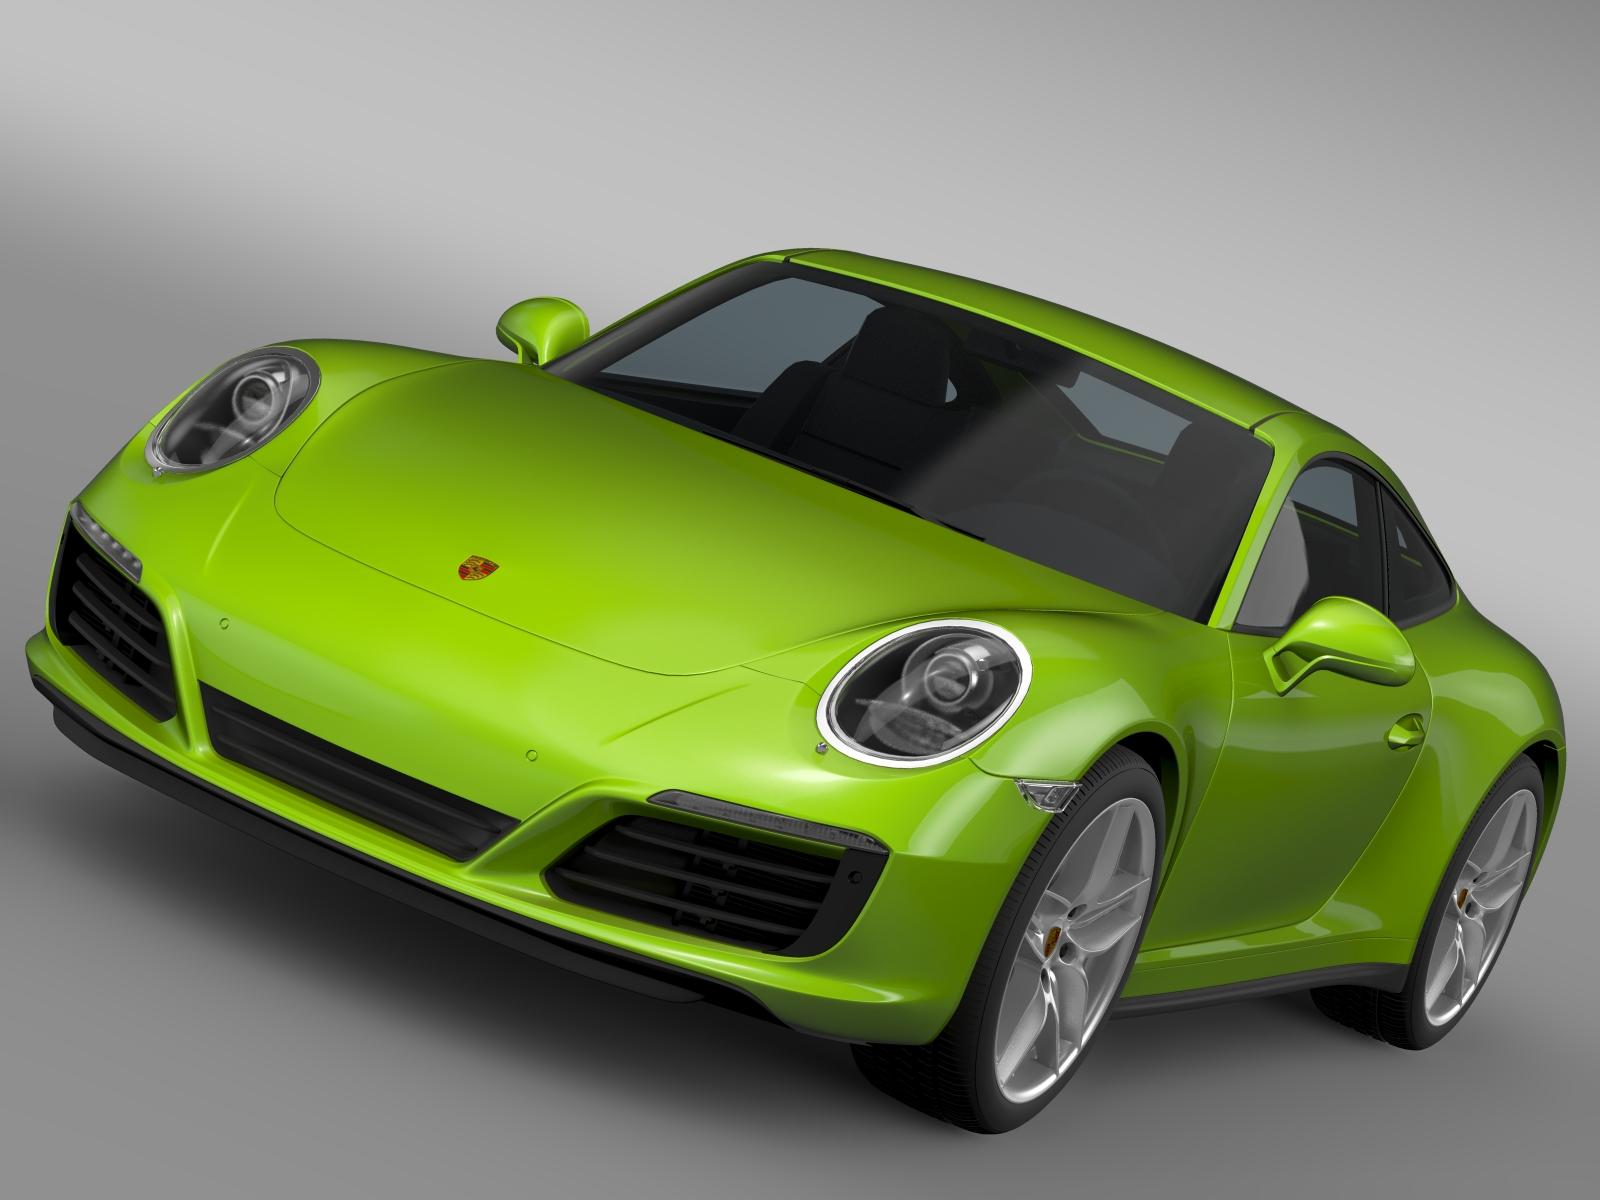 porsche 911 carrera s coupe 991 2016 3d model 3ds max fbx c4d lwo ma mb hrc xsi obj 219299